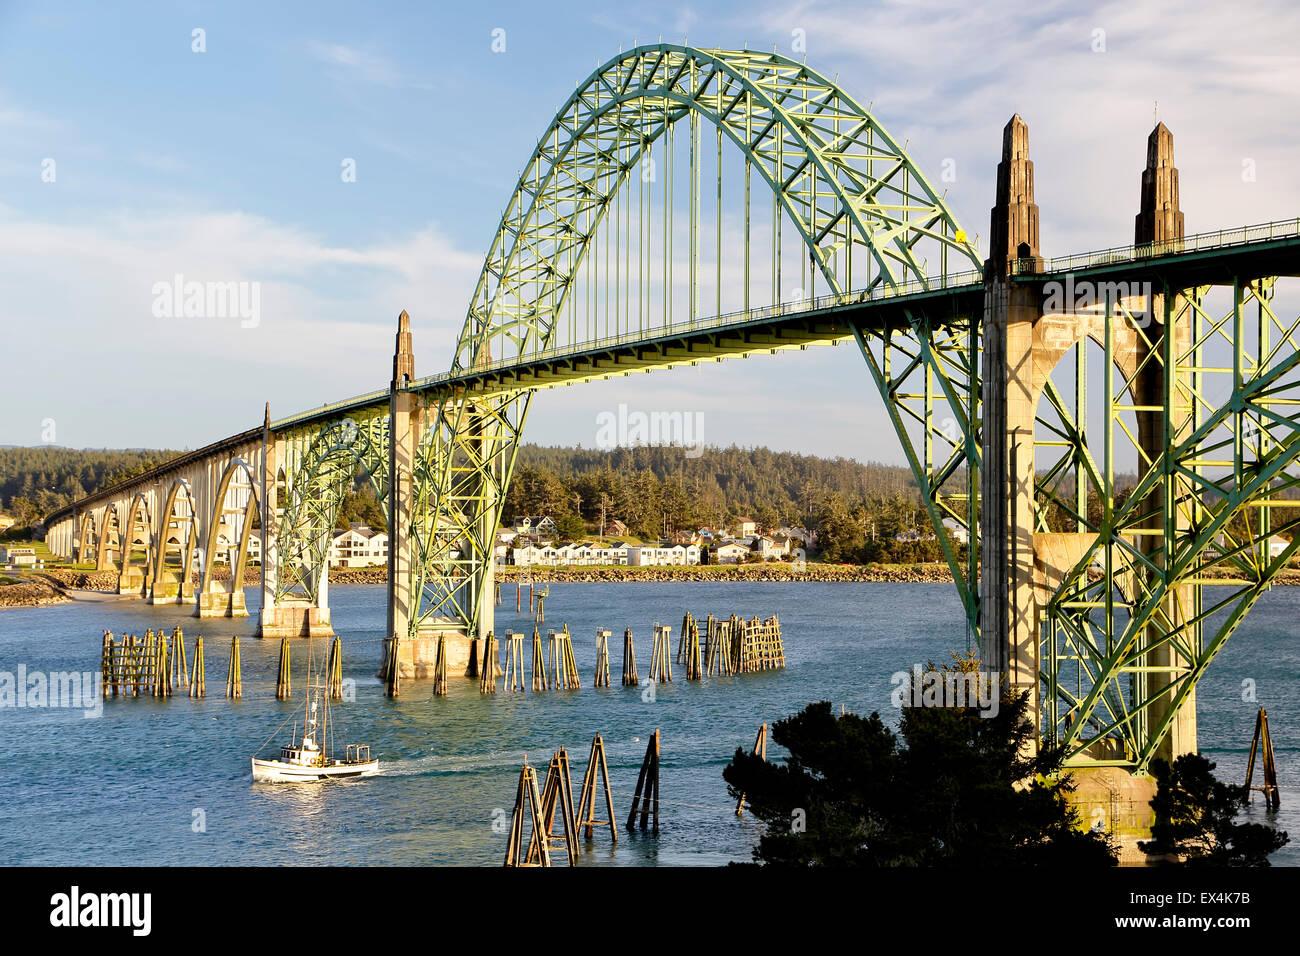 Yaquina bay bridge e barche da pesca, newport, Oregon, Stati Uniti d'America Immagini Stock